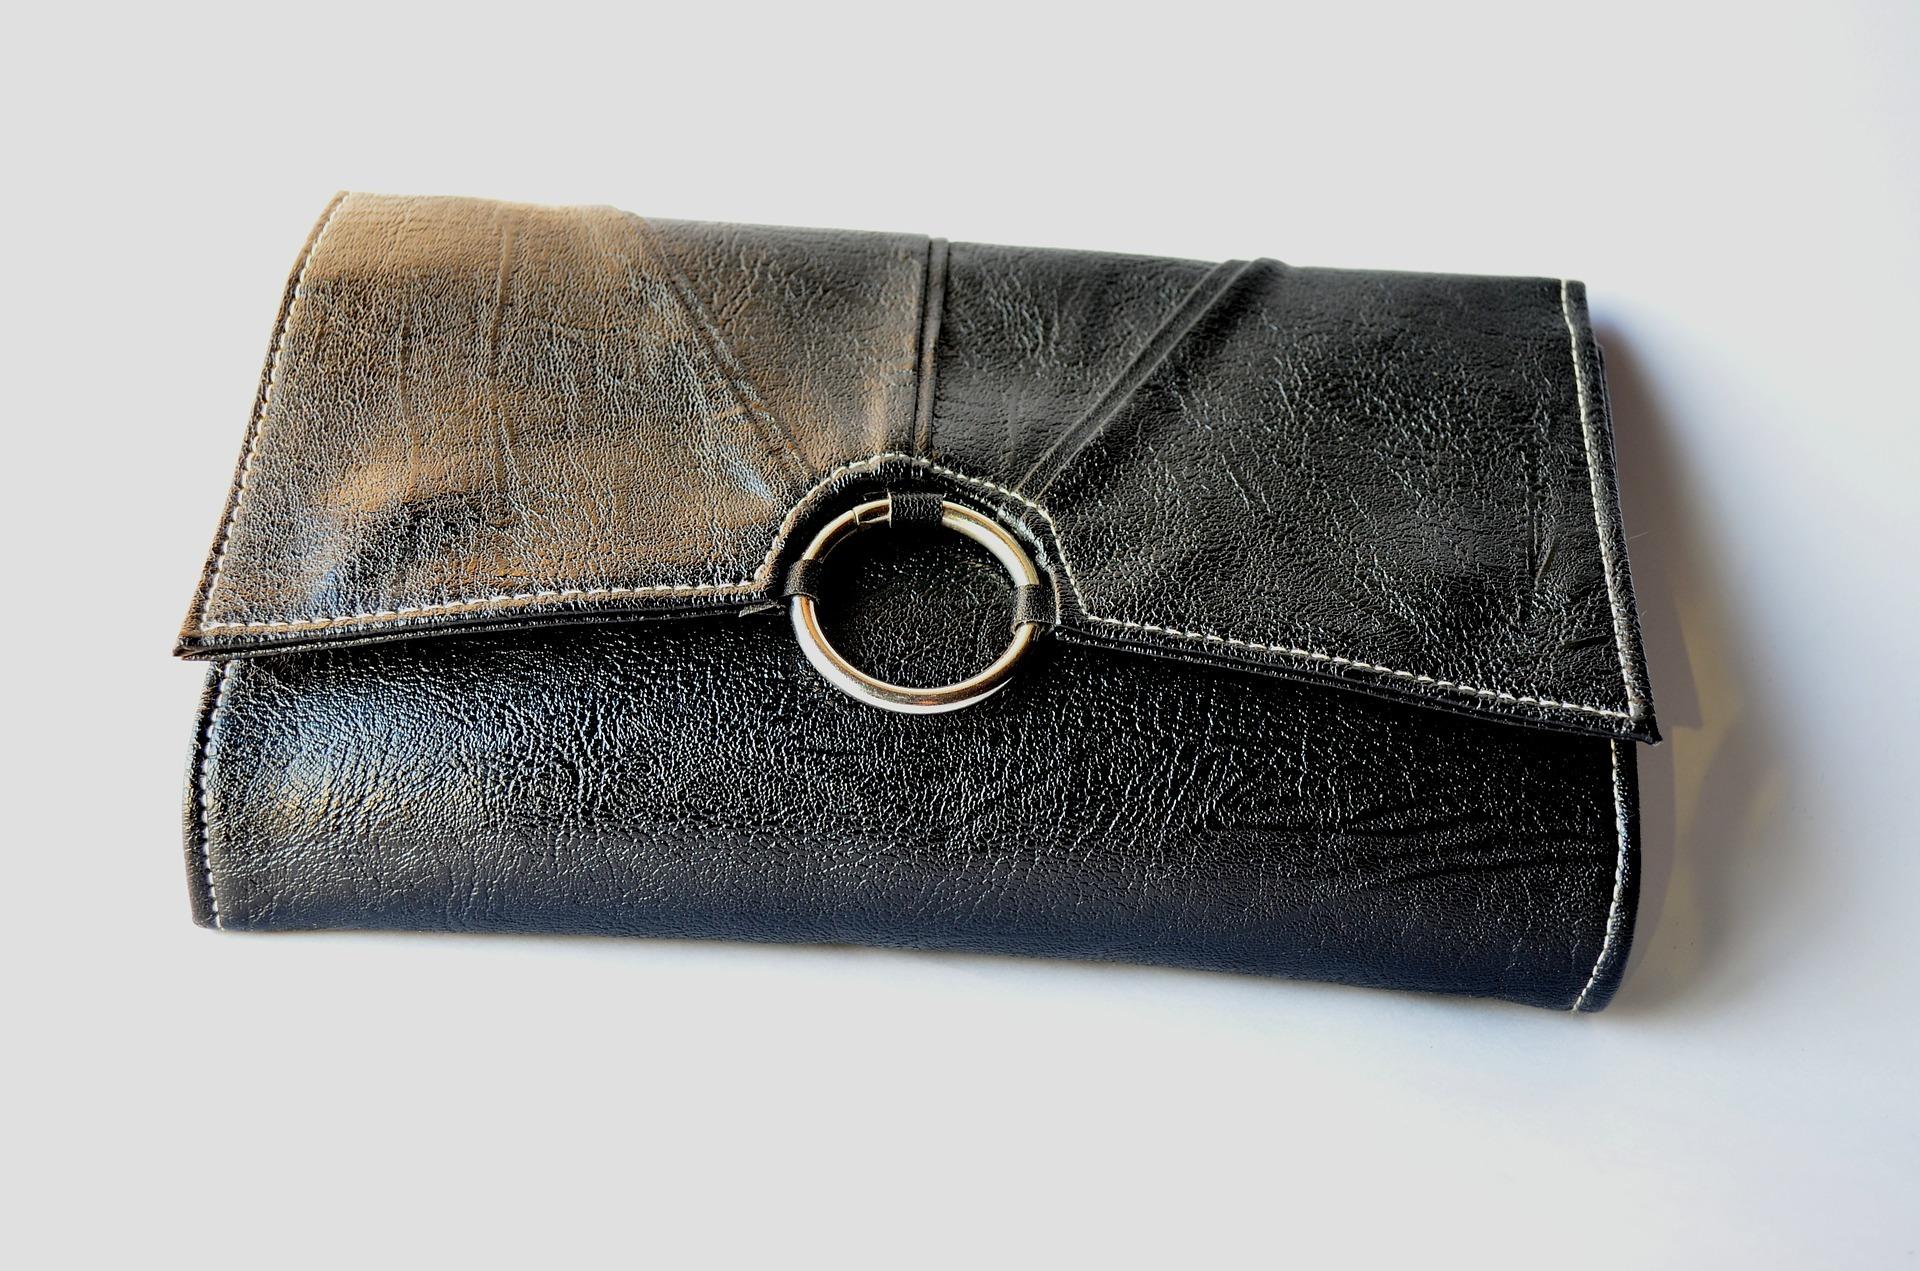 Eine schwarze Clutch Bag in der Frontalansicht